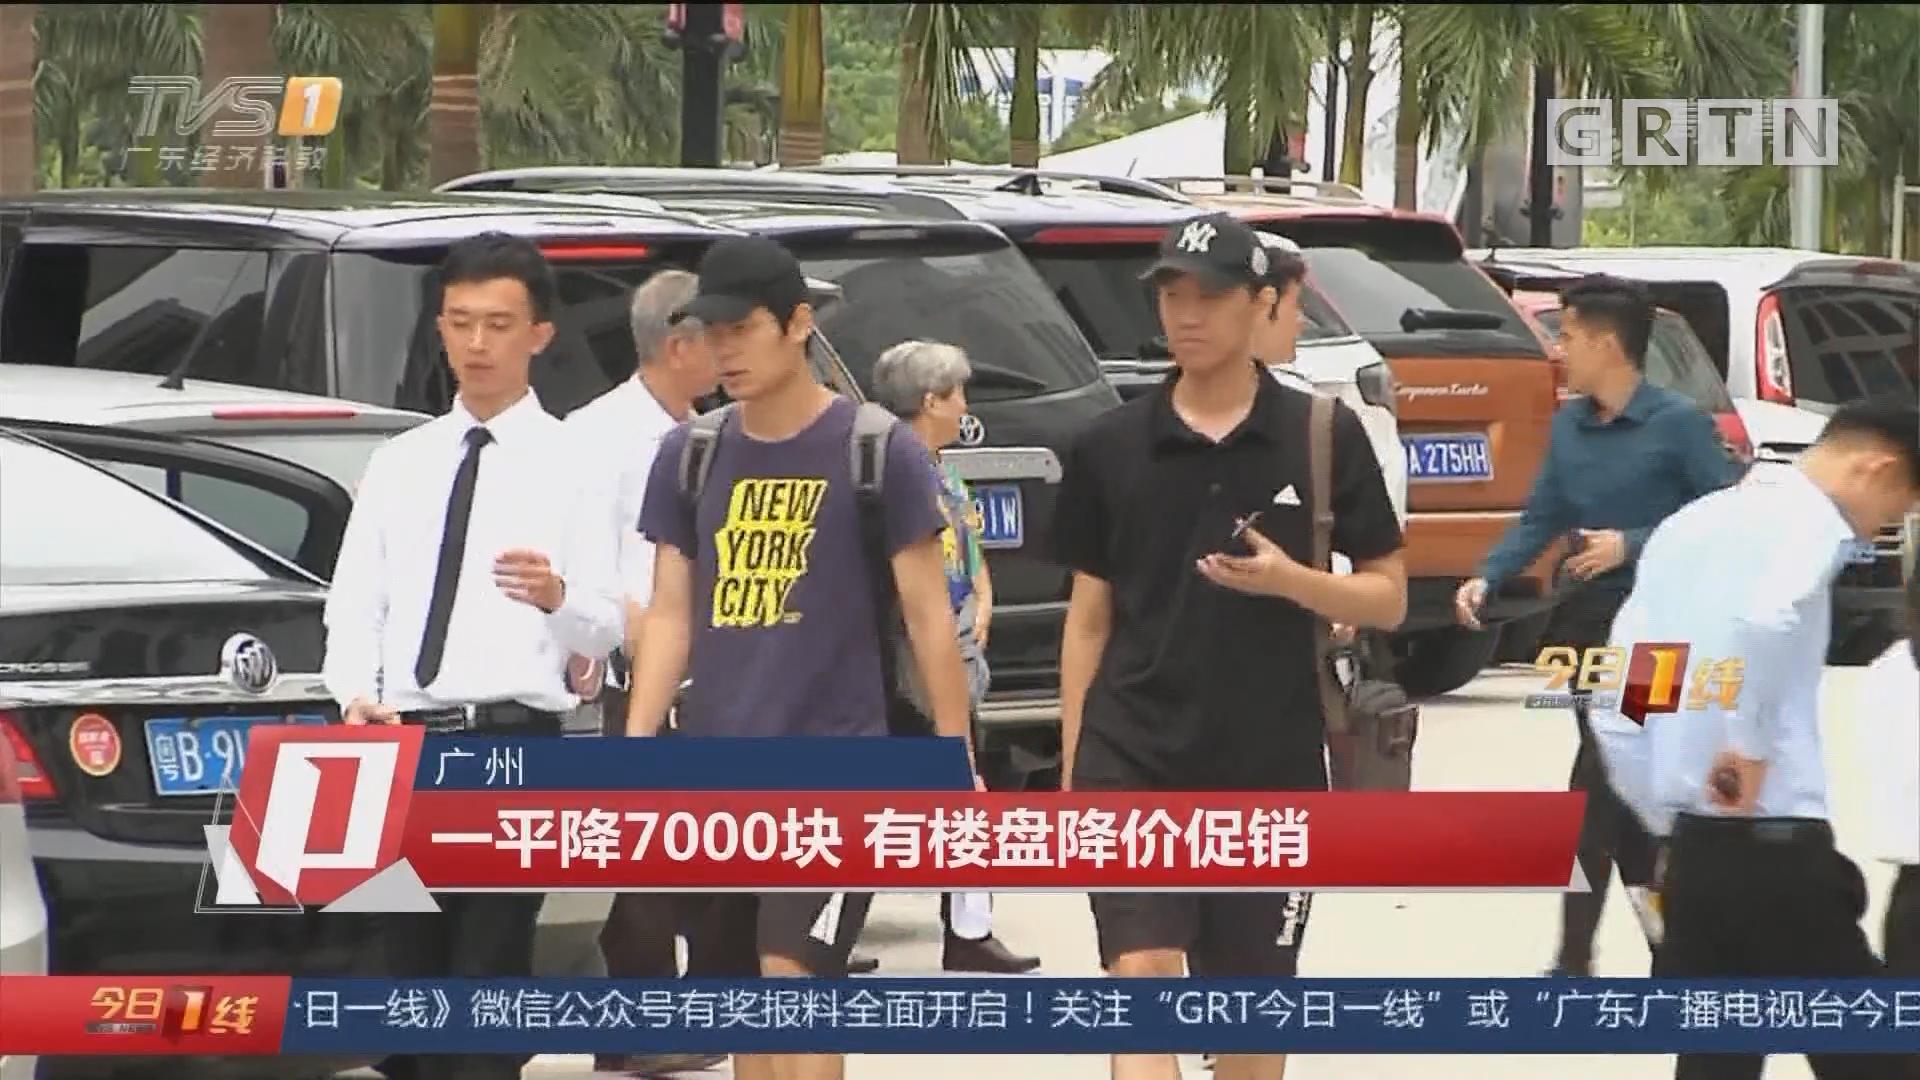 广州:一平降7000块 有楼盘降价促销